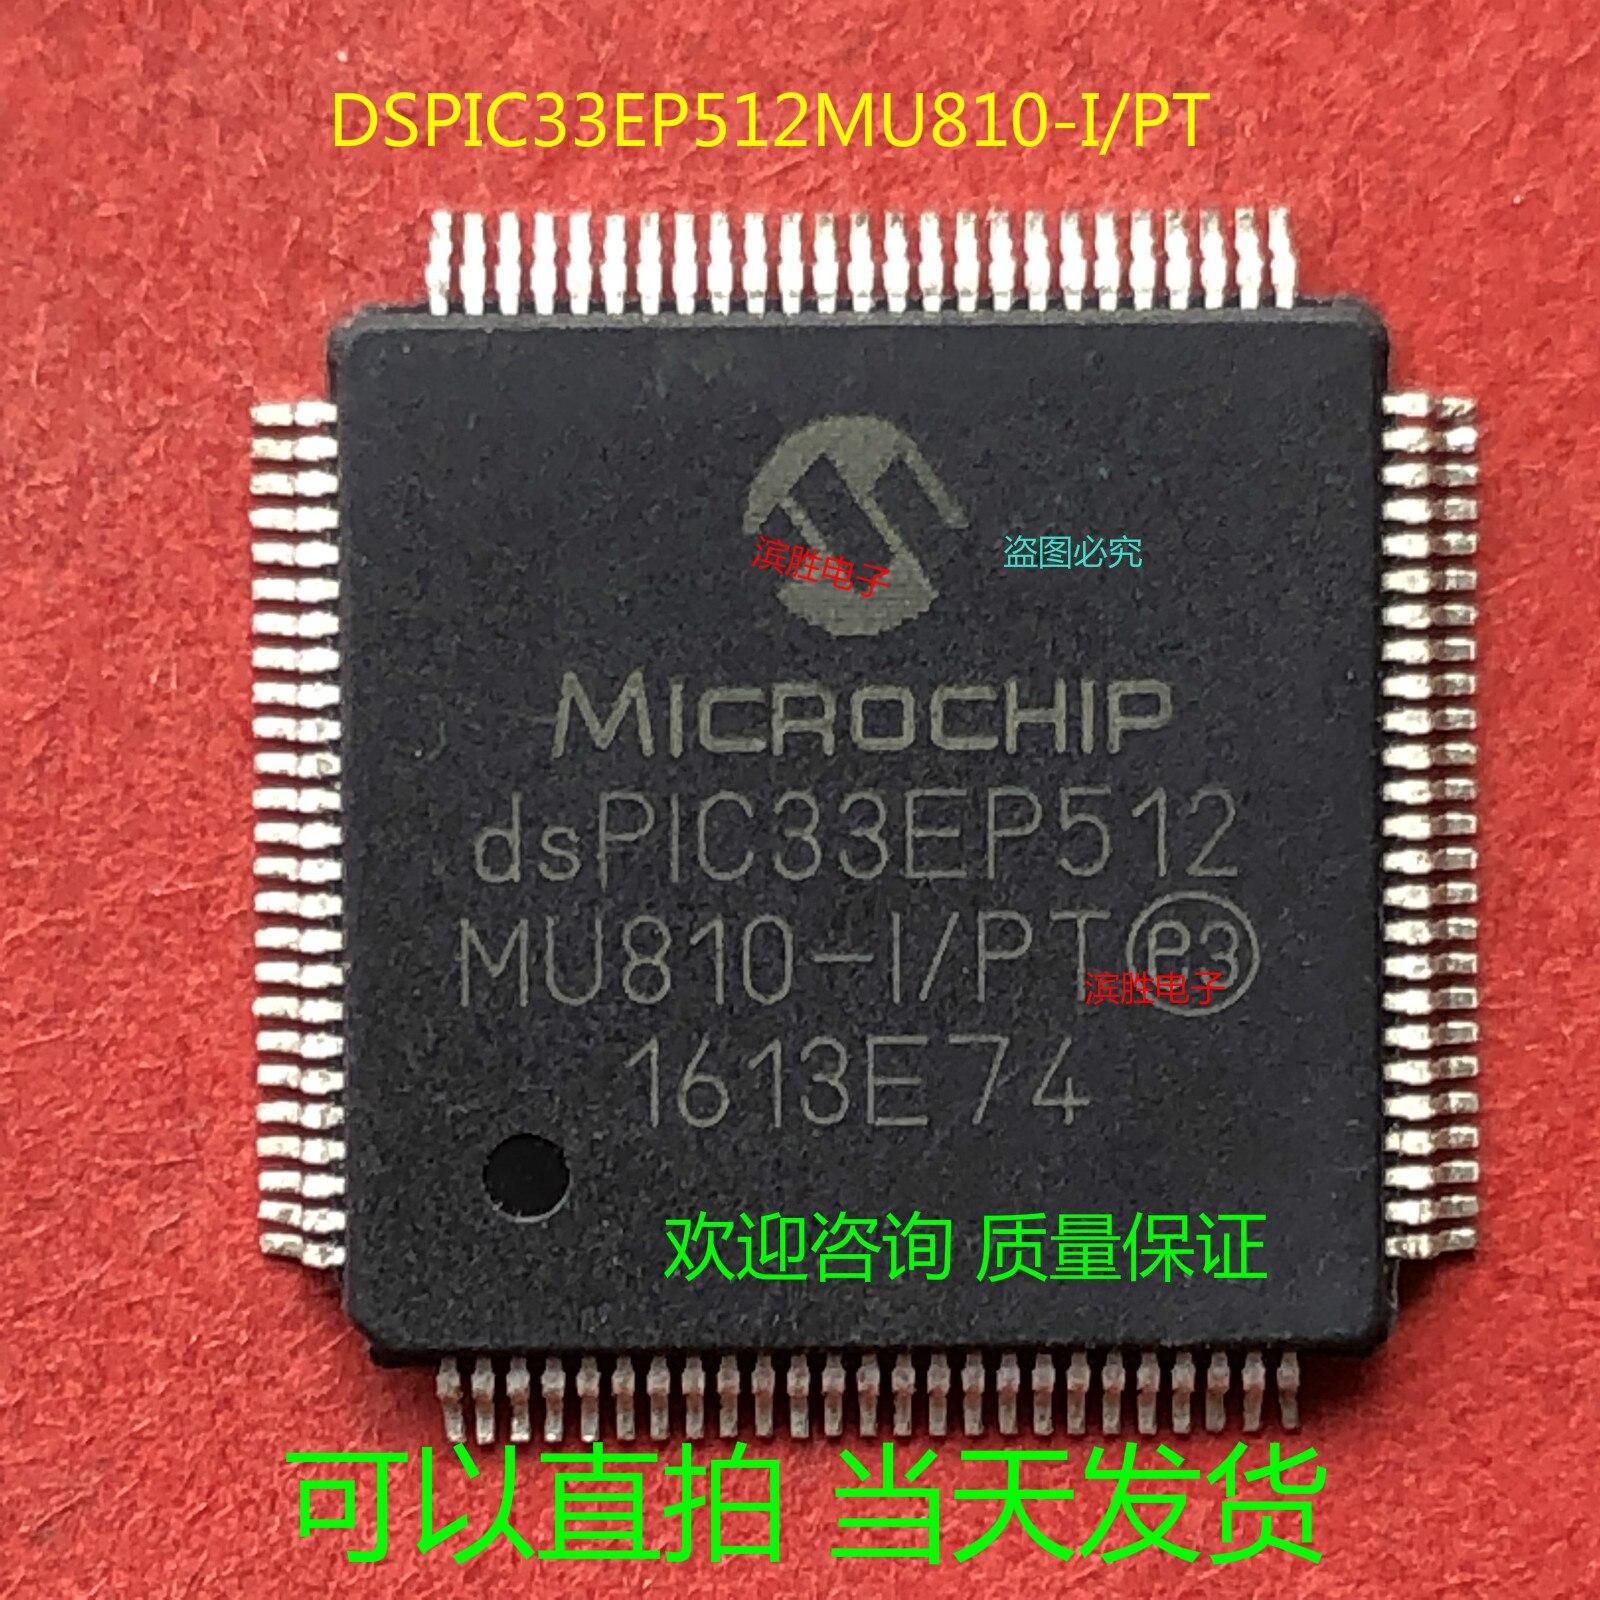 DSPIC33EP512MU810-I/PT QFP100 original nuevo de IC, bienvenido a consultar las existencias puede...